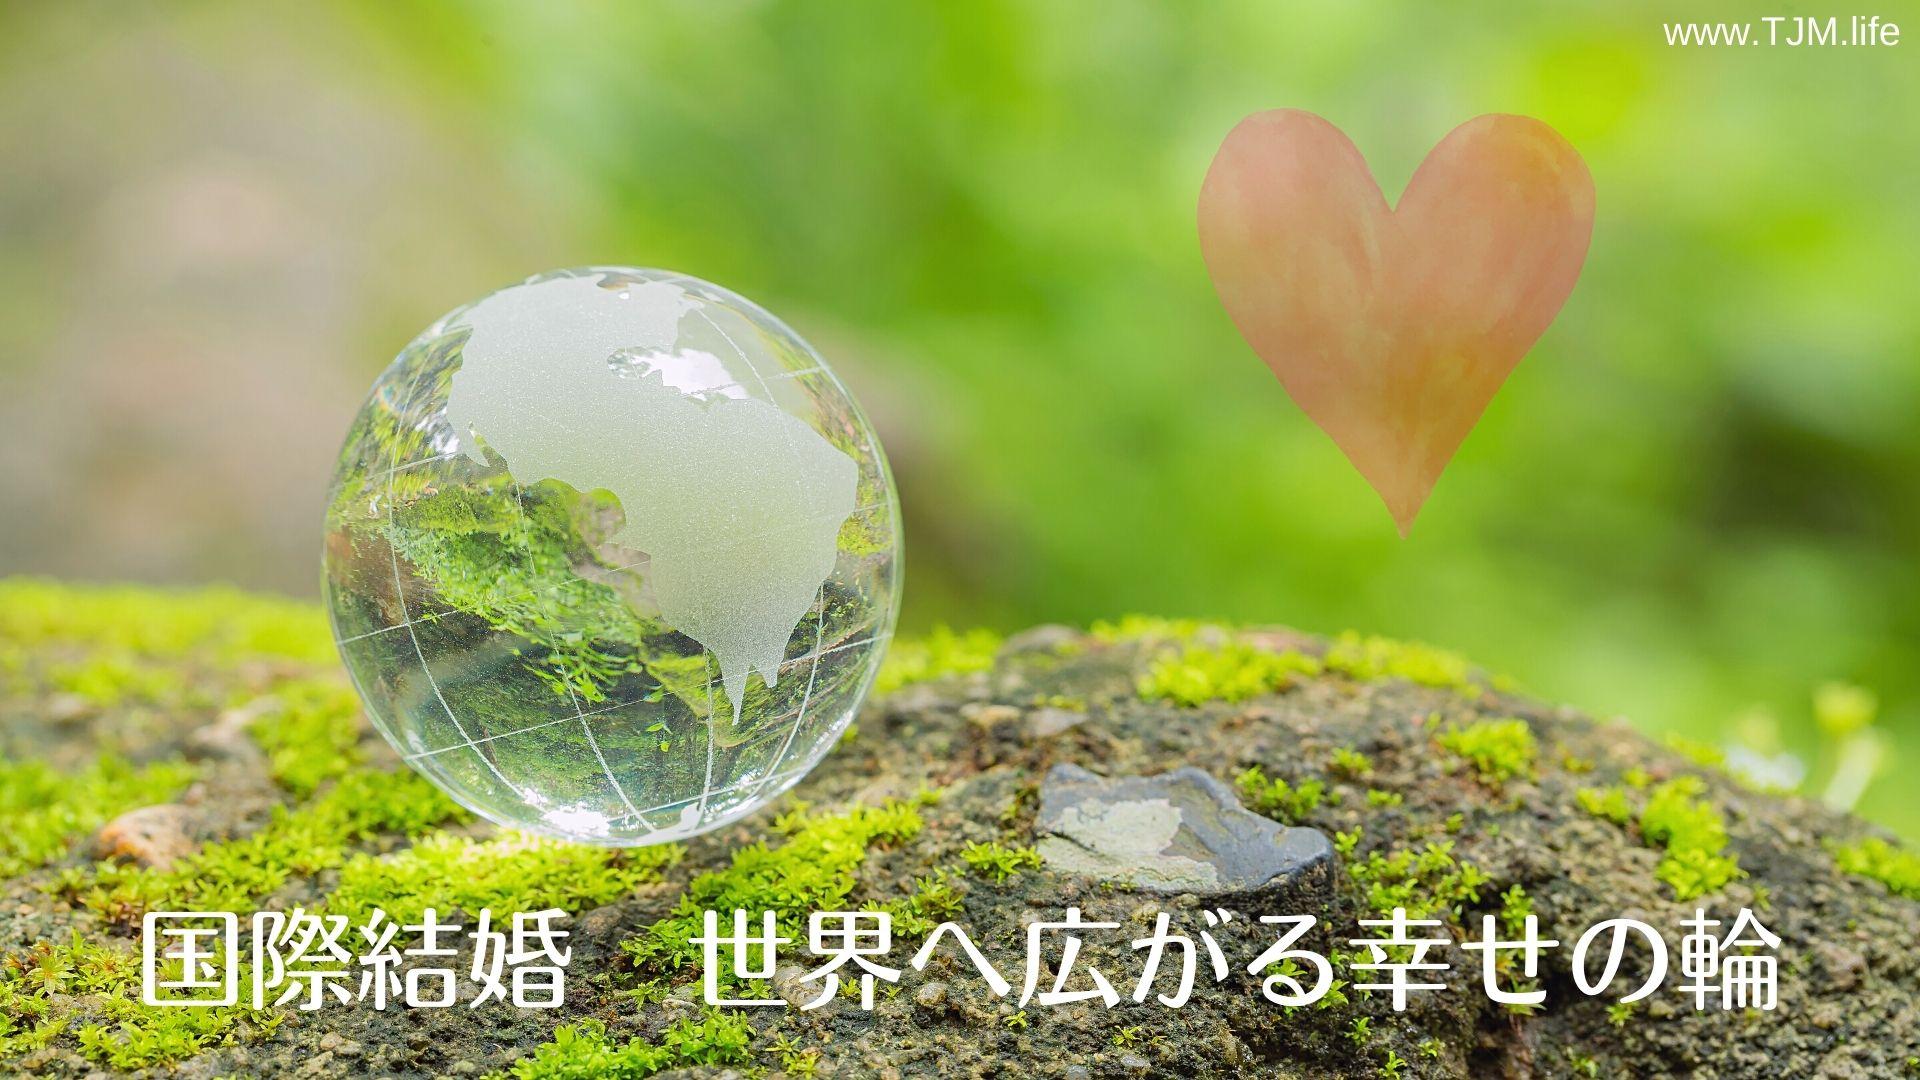 国際結婚 世界へ広がる幸せの輪